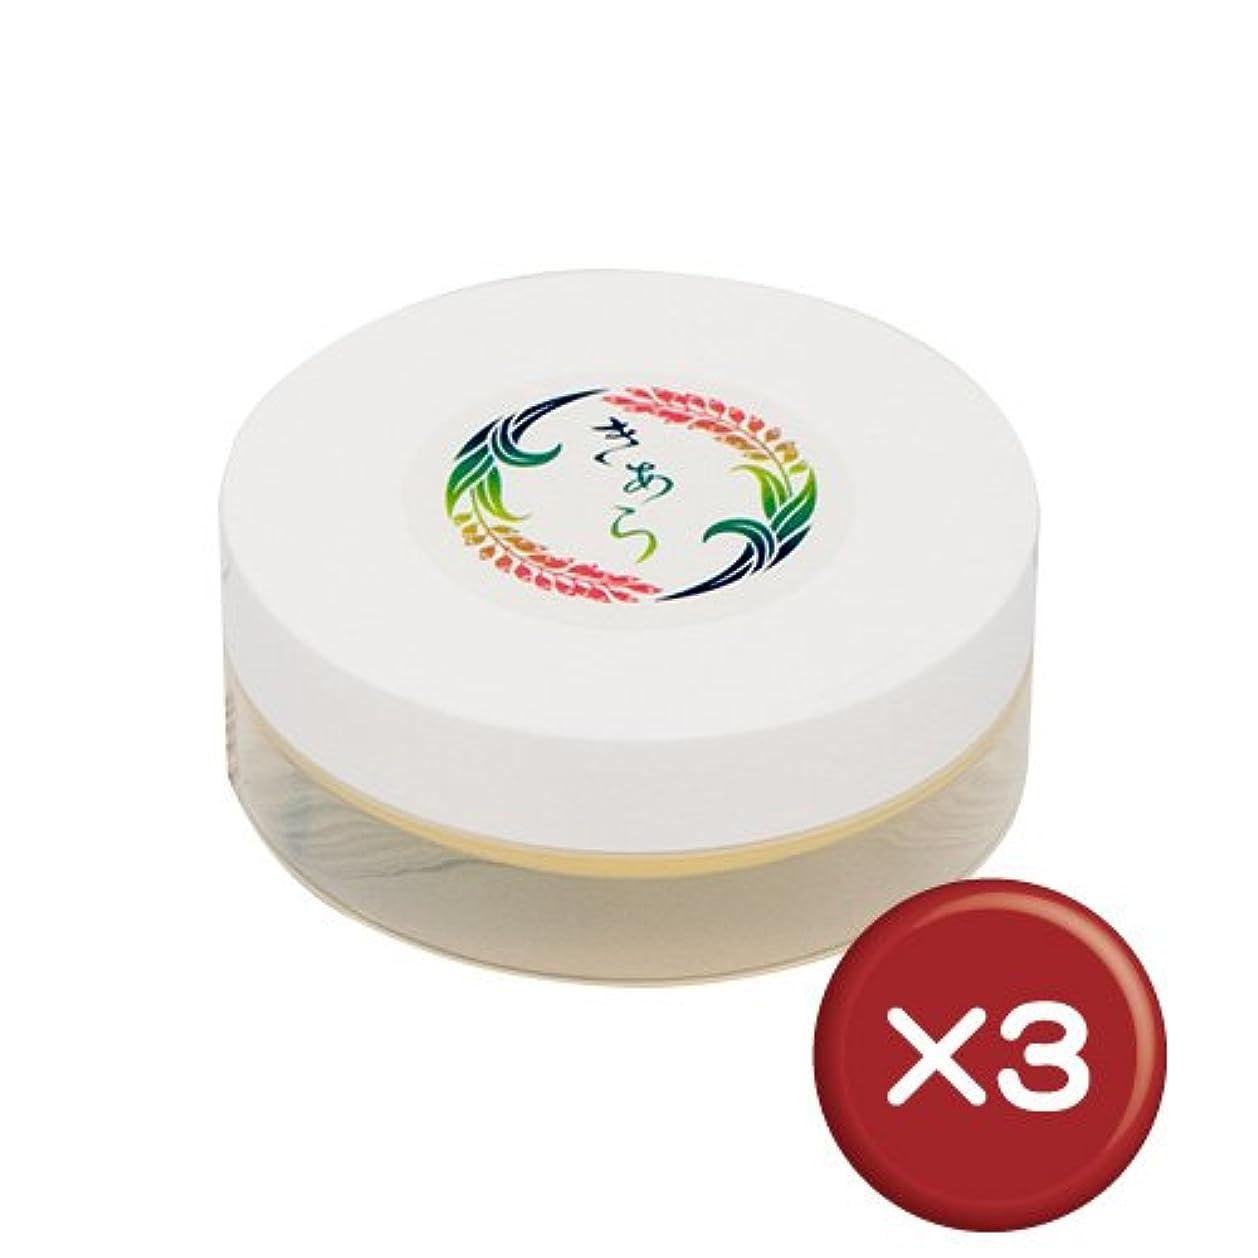 レクリエーションレタス増幅月桃精油入りミツロウクリーム 3個セット